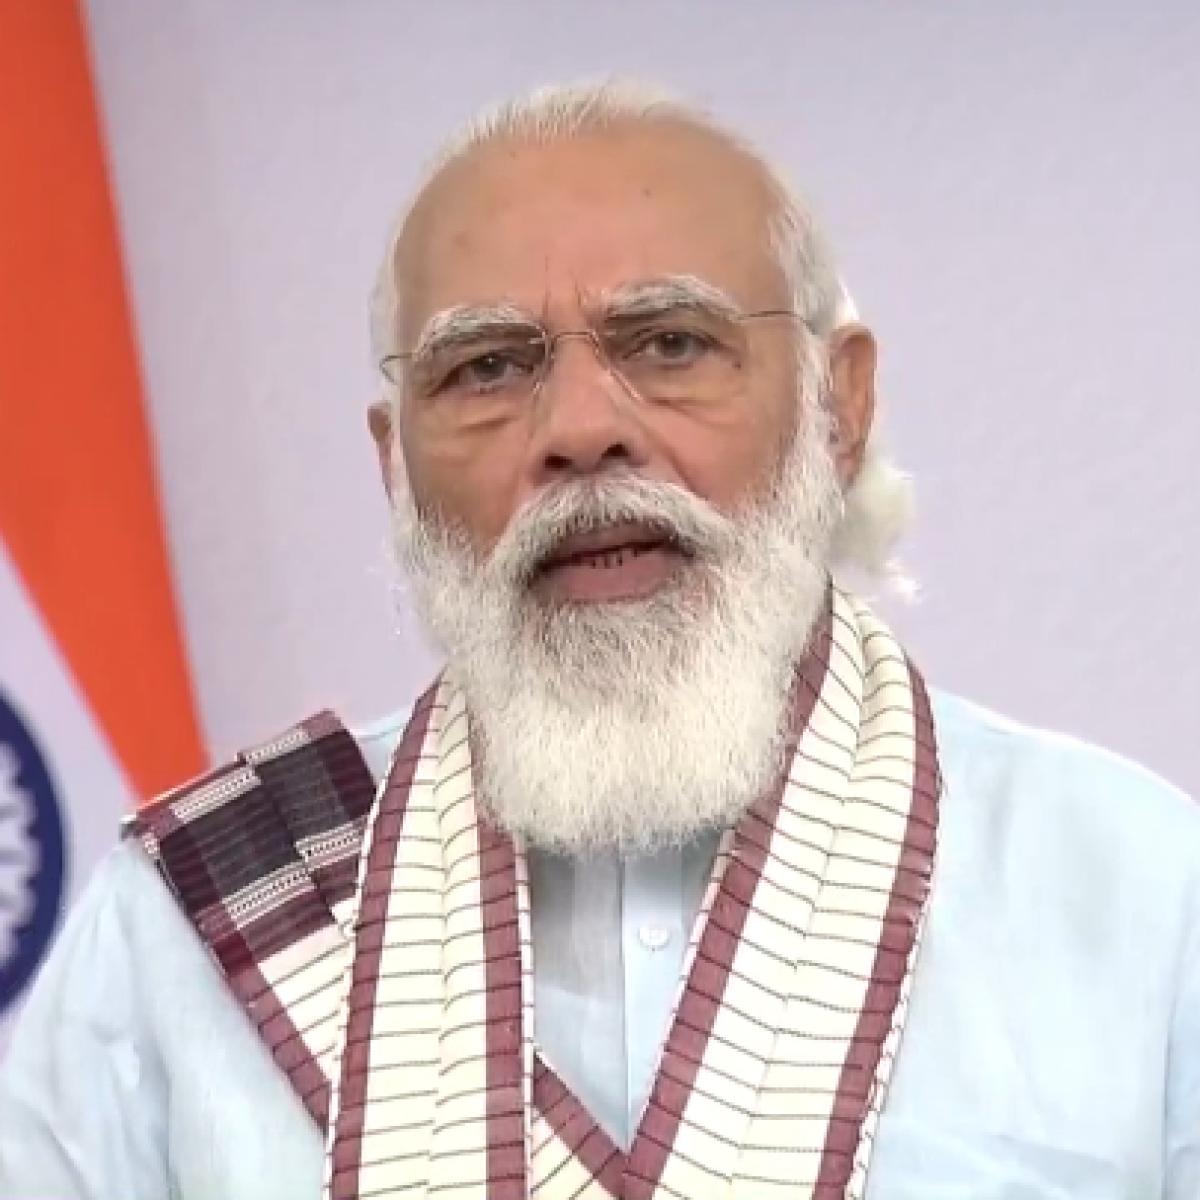 PM Modi announces USD 1 million aid to COVID-19 ASEAN Response Fund